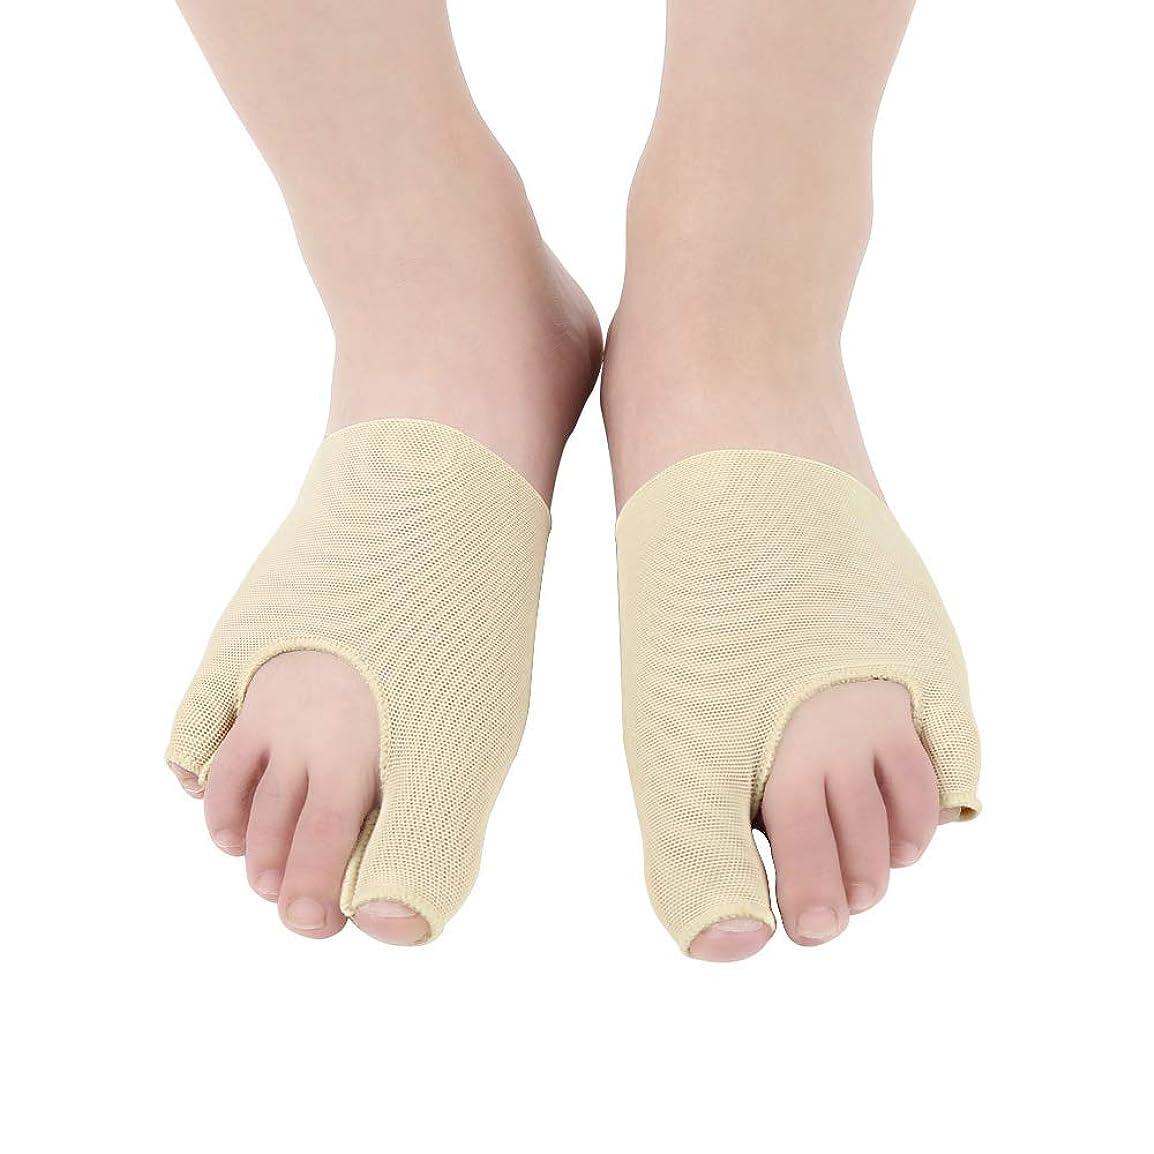 ペレグリネーション主権者チャンピオン高弾性のためのつま先補正靴下ケア厚手のダンピング吸収汗通気性ナイロン布をつま先外反の重複を防ぐために吸収,2pairs,S